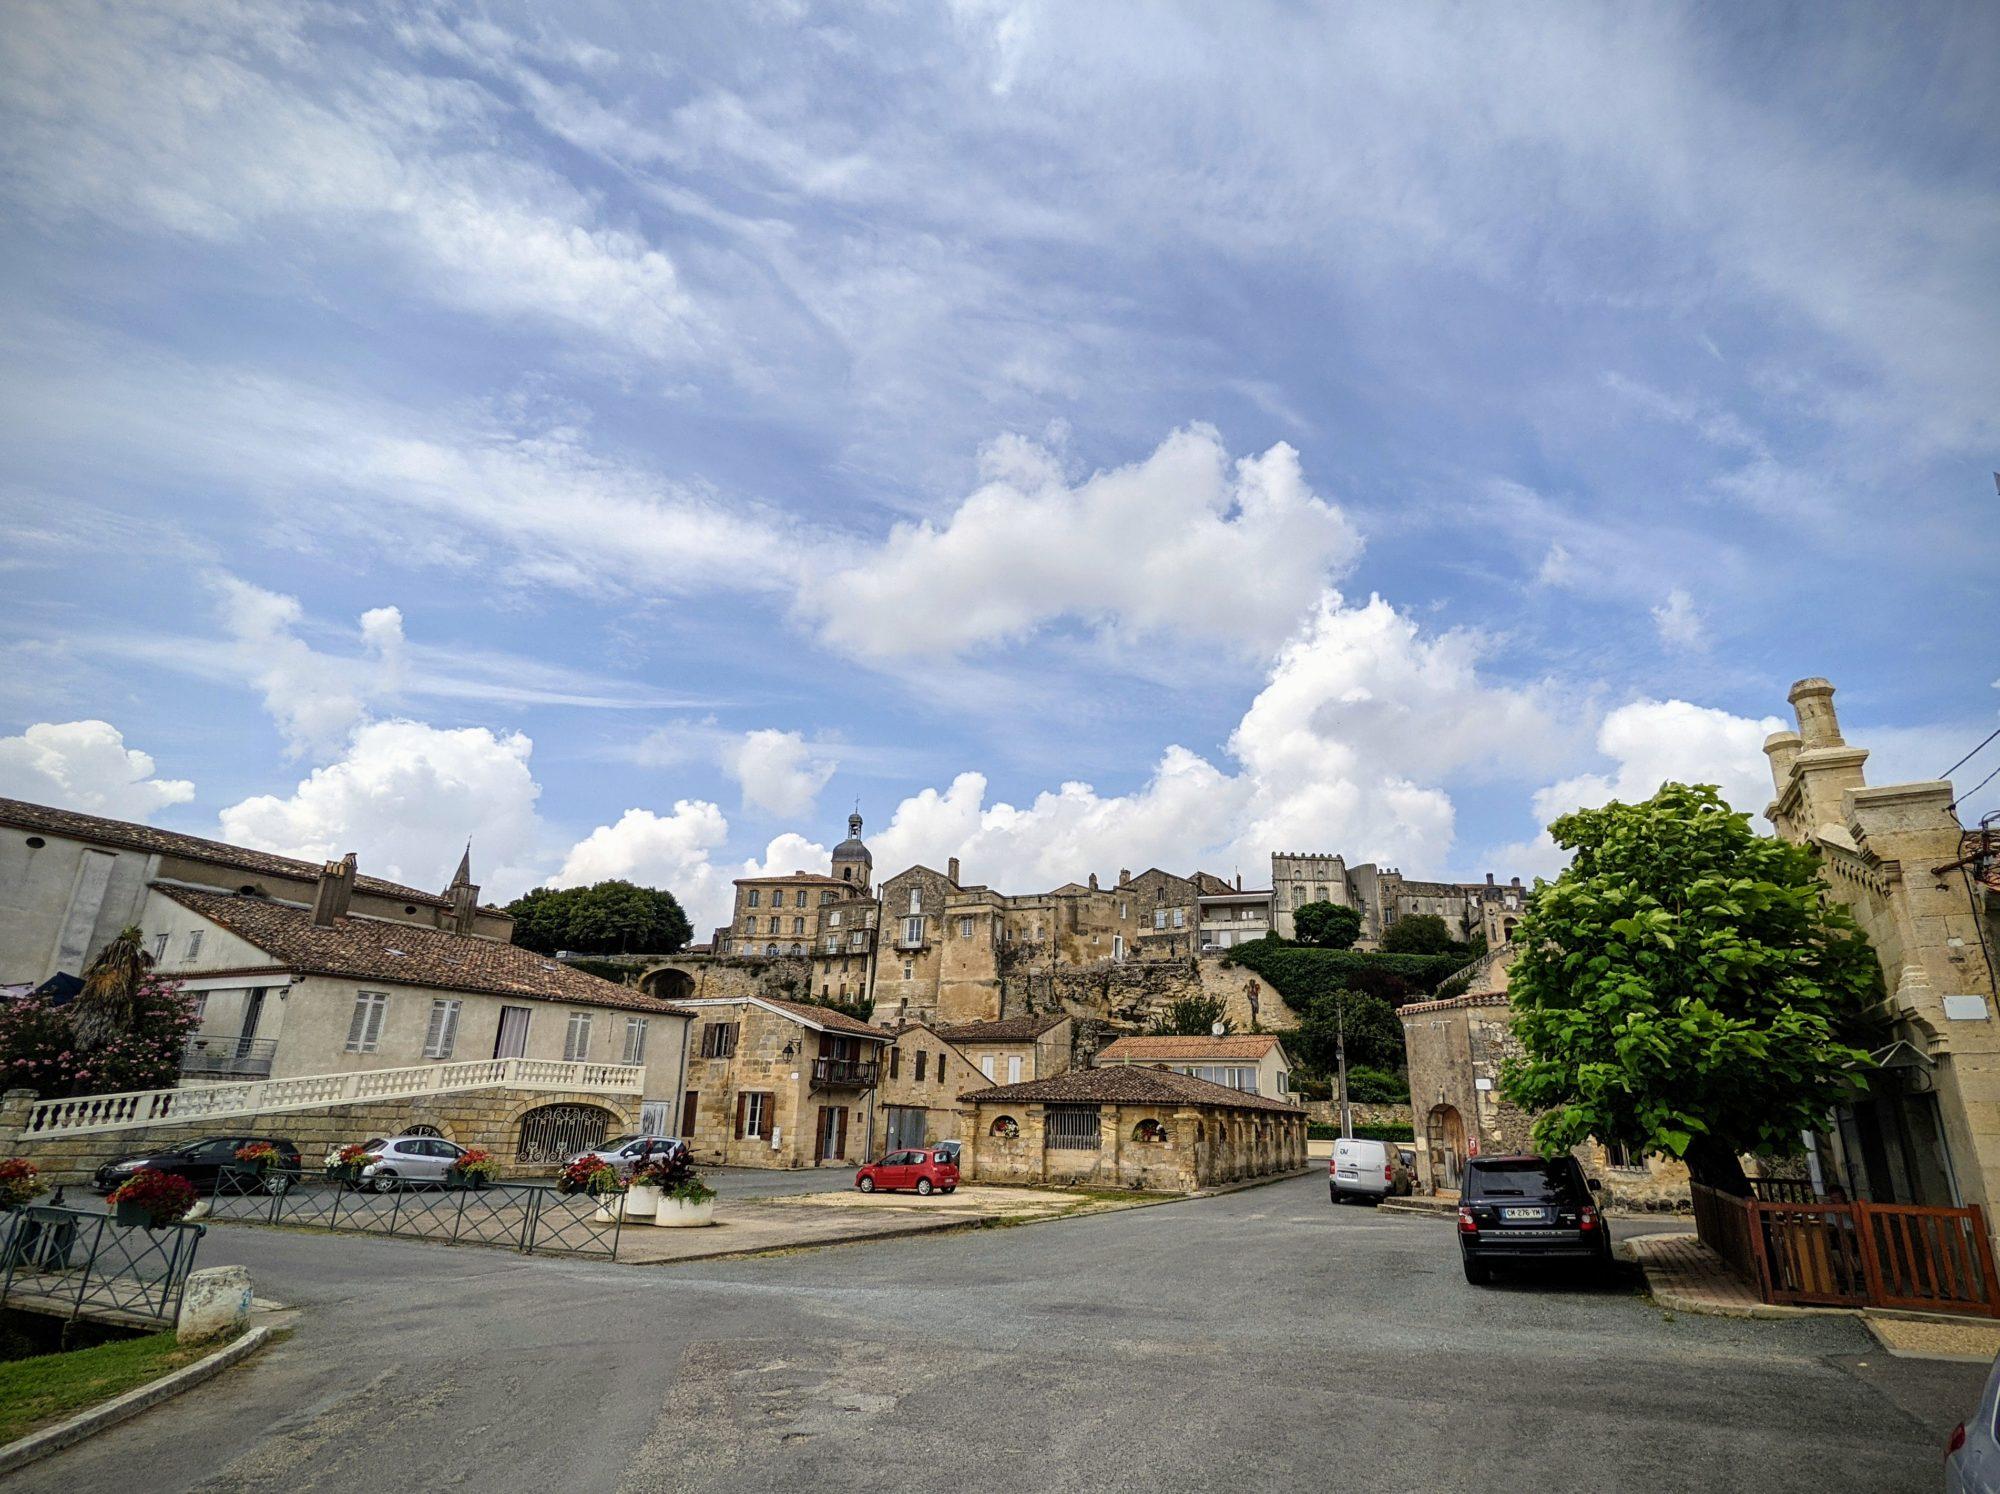 Un peu abandonnée, le village de Bourg sur Gironde